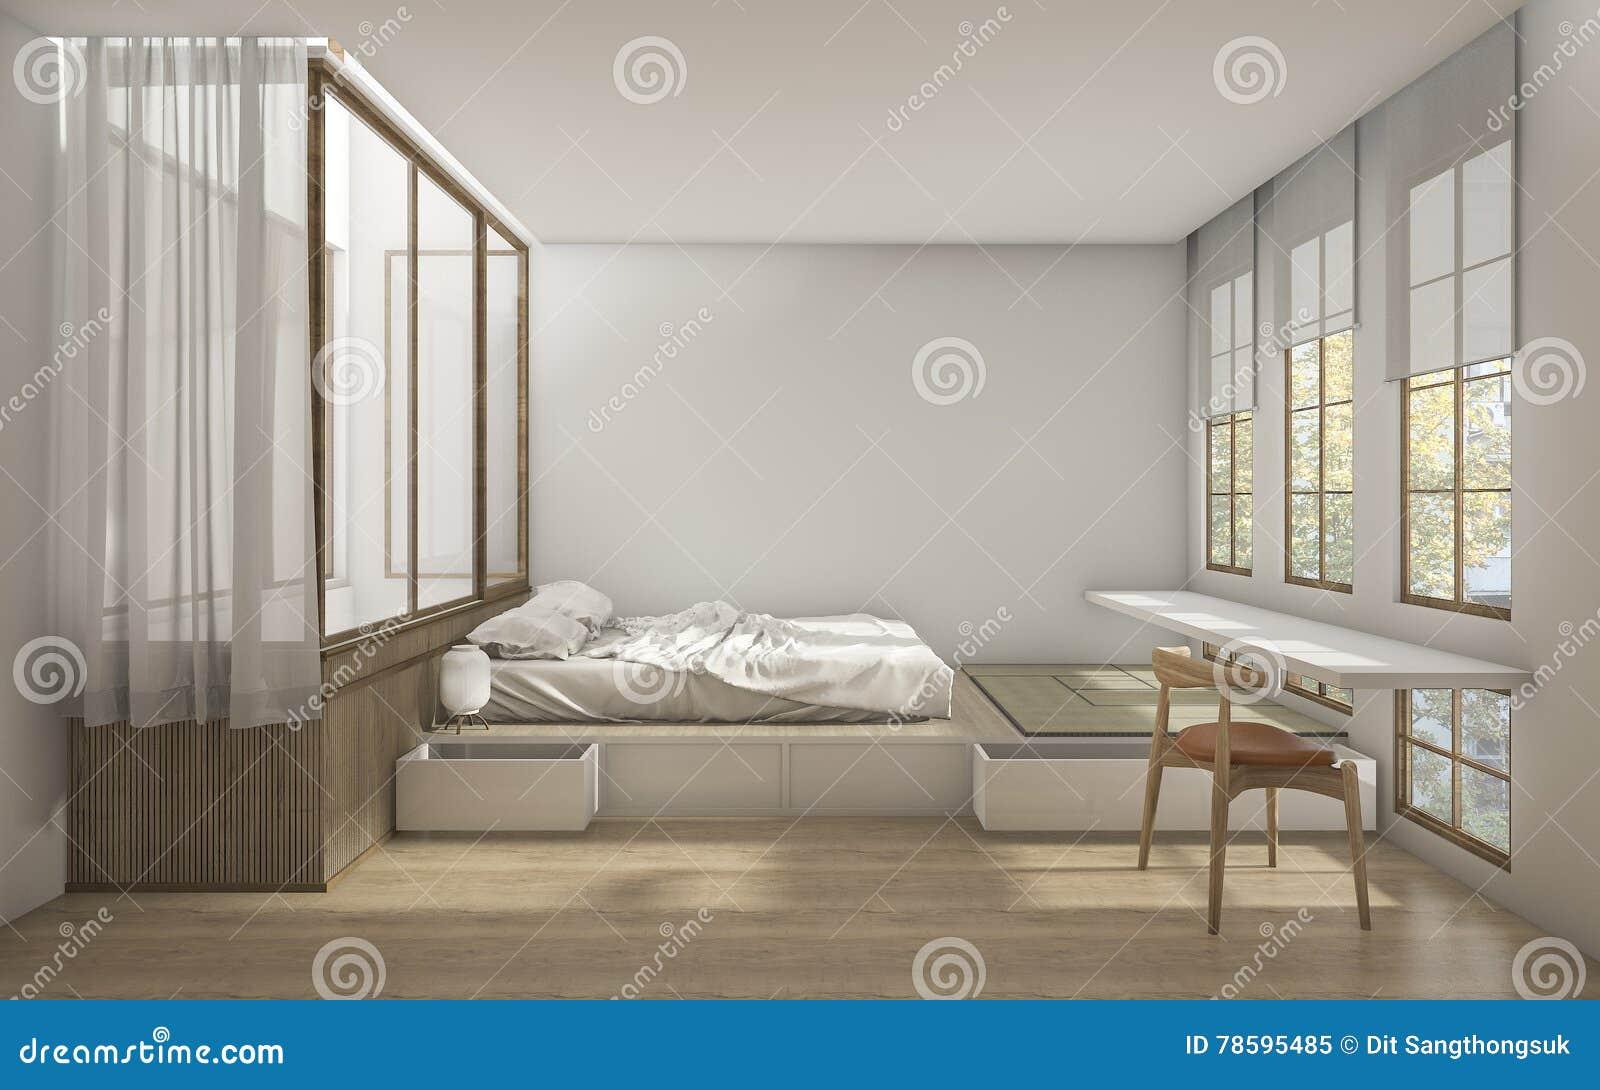 Stanze Da Letto Stile Giapponese : 3d che rende la camera da letto di stile giapponese con la